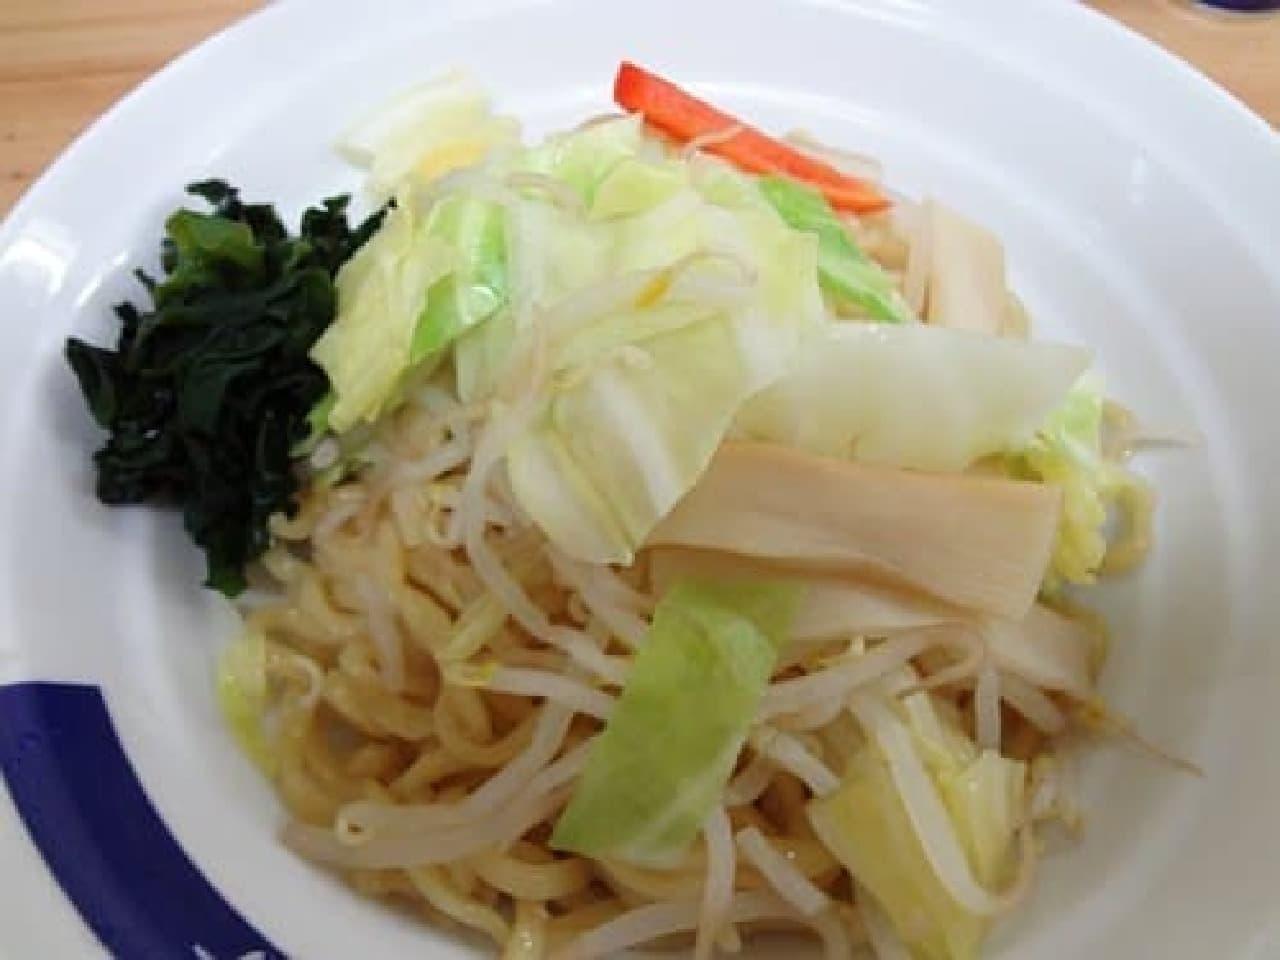 「みどりつけめん」の太麺  麺の上にはたっぷりのキャベツ、メンマ、人参などが具としてのっています